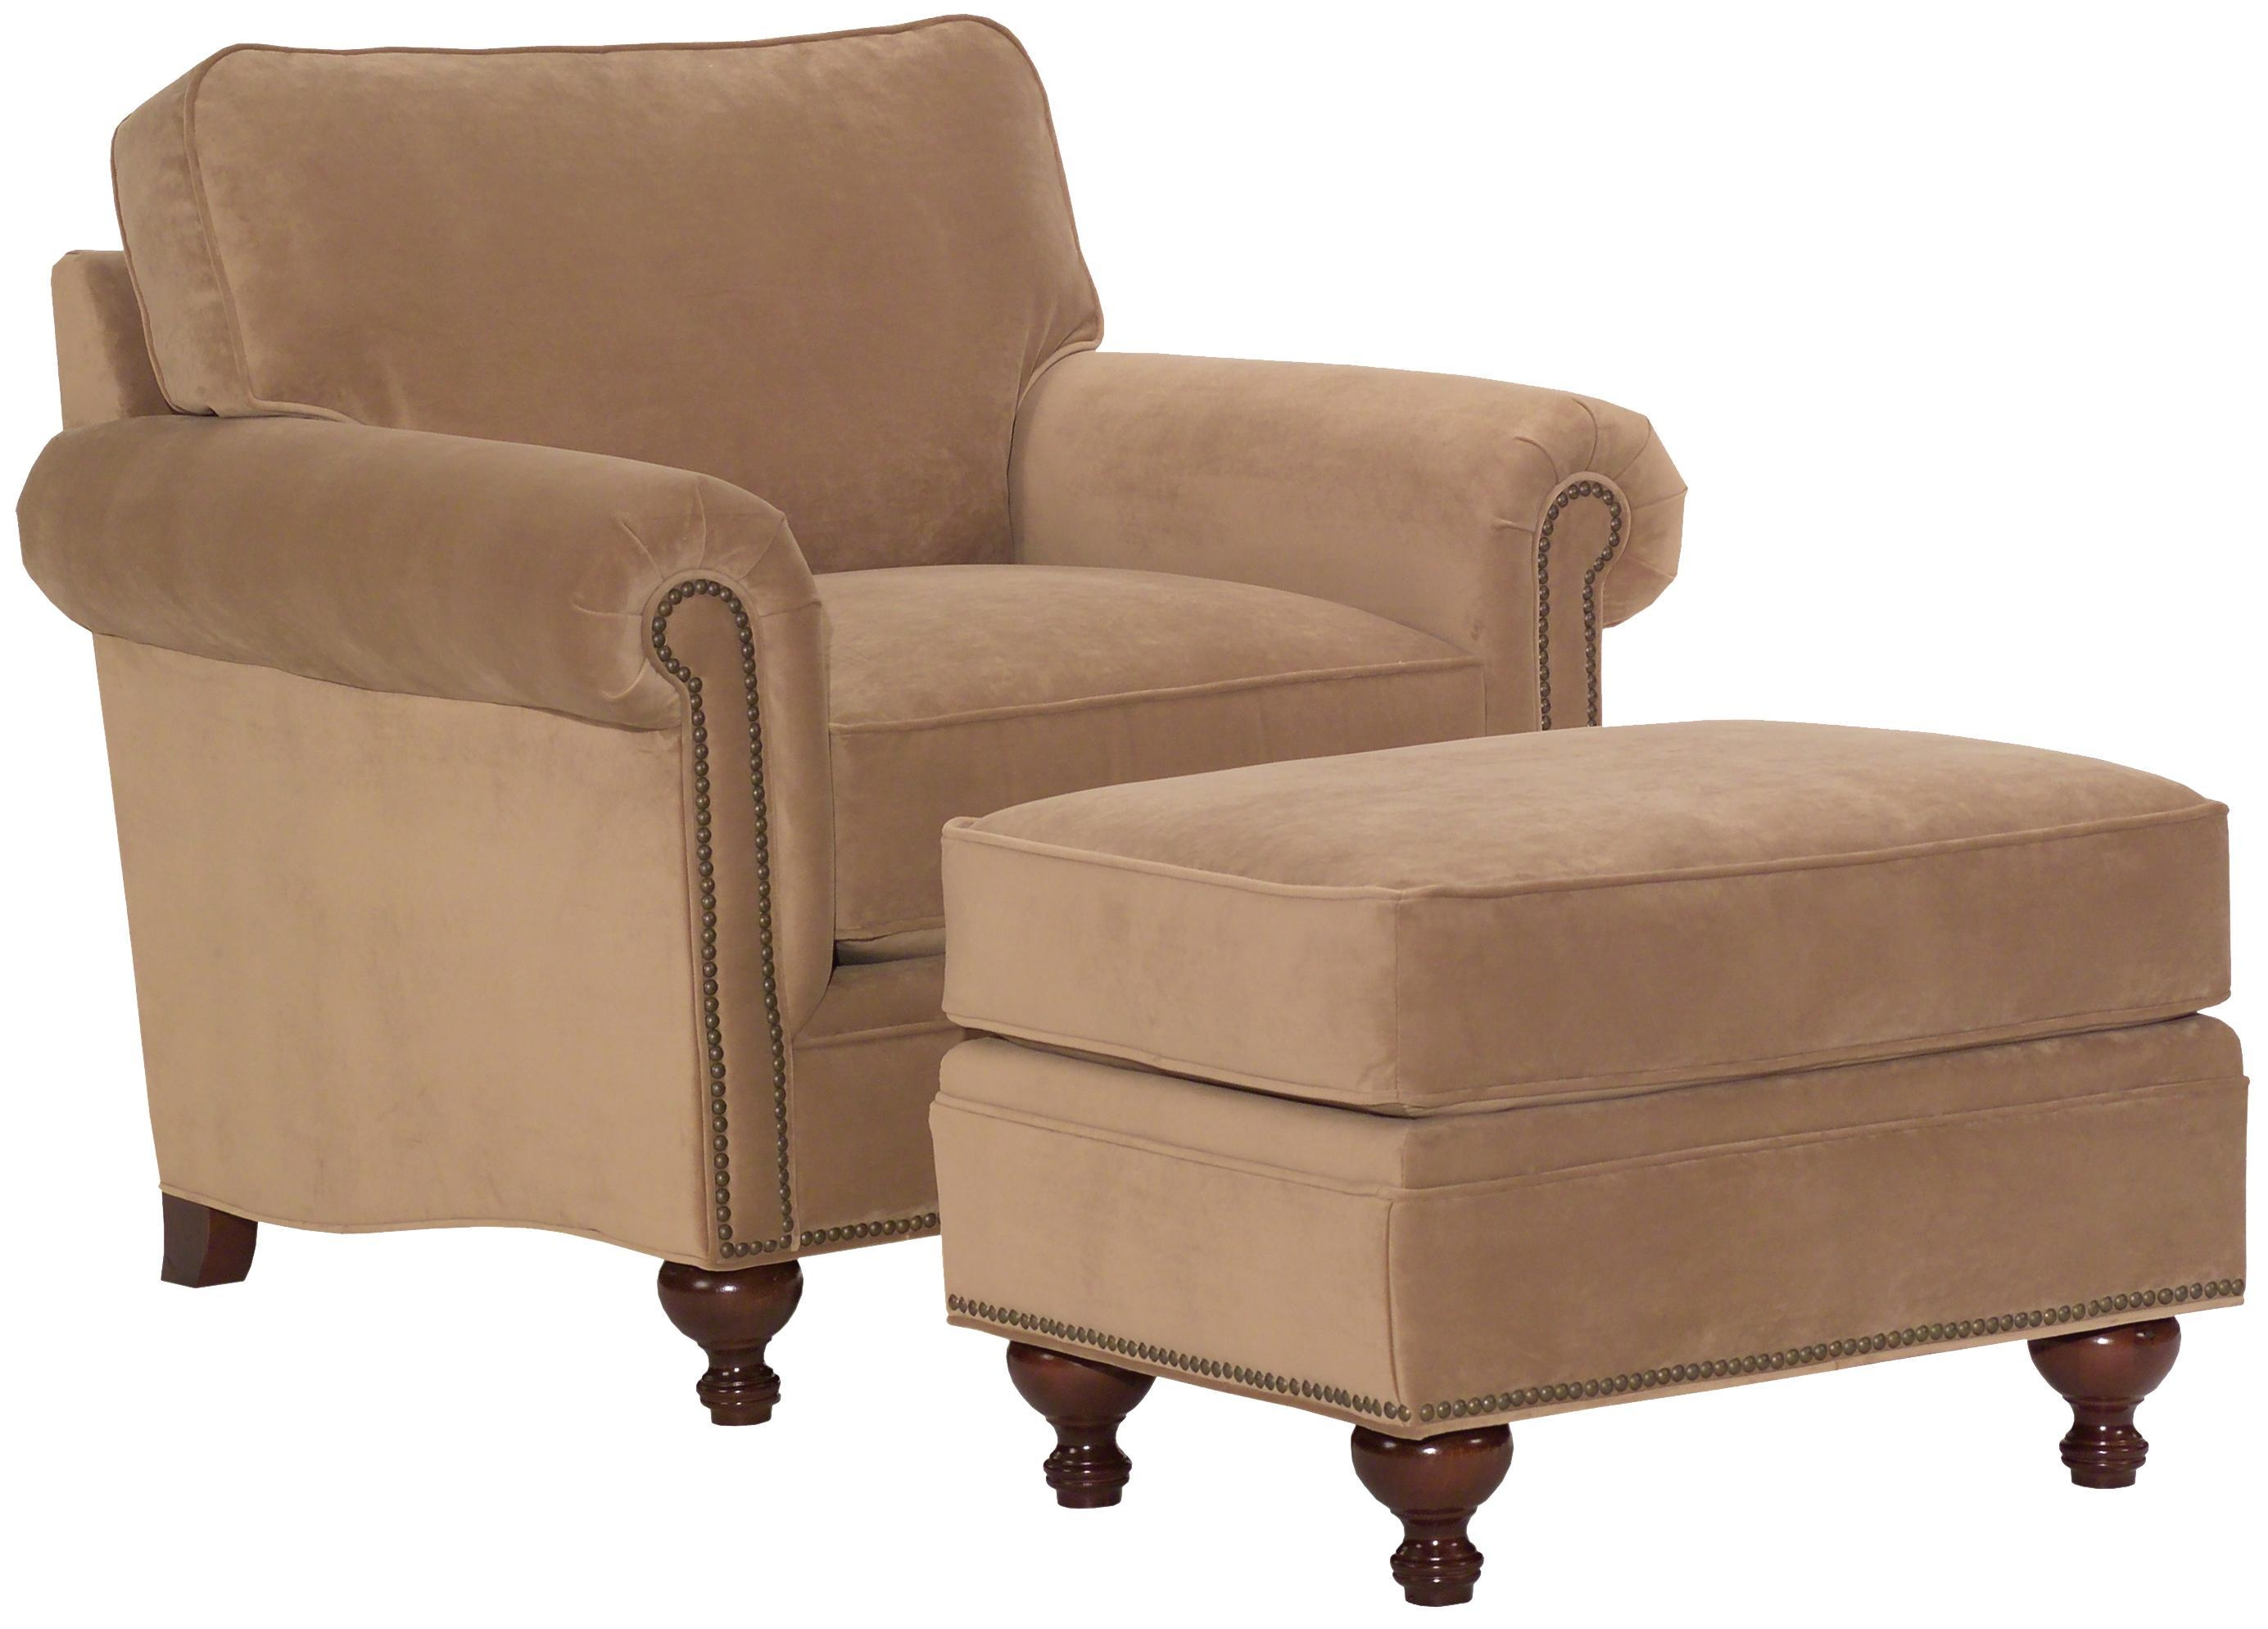 20 Ideas Of Sofa Chair With Ottoman Sofa Ideas